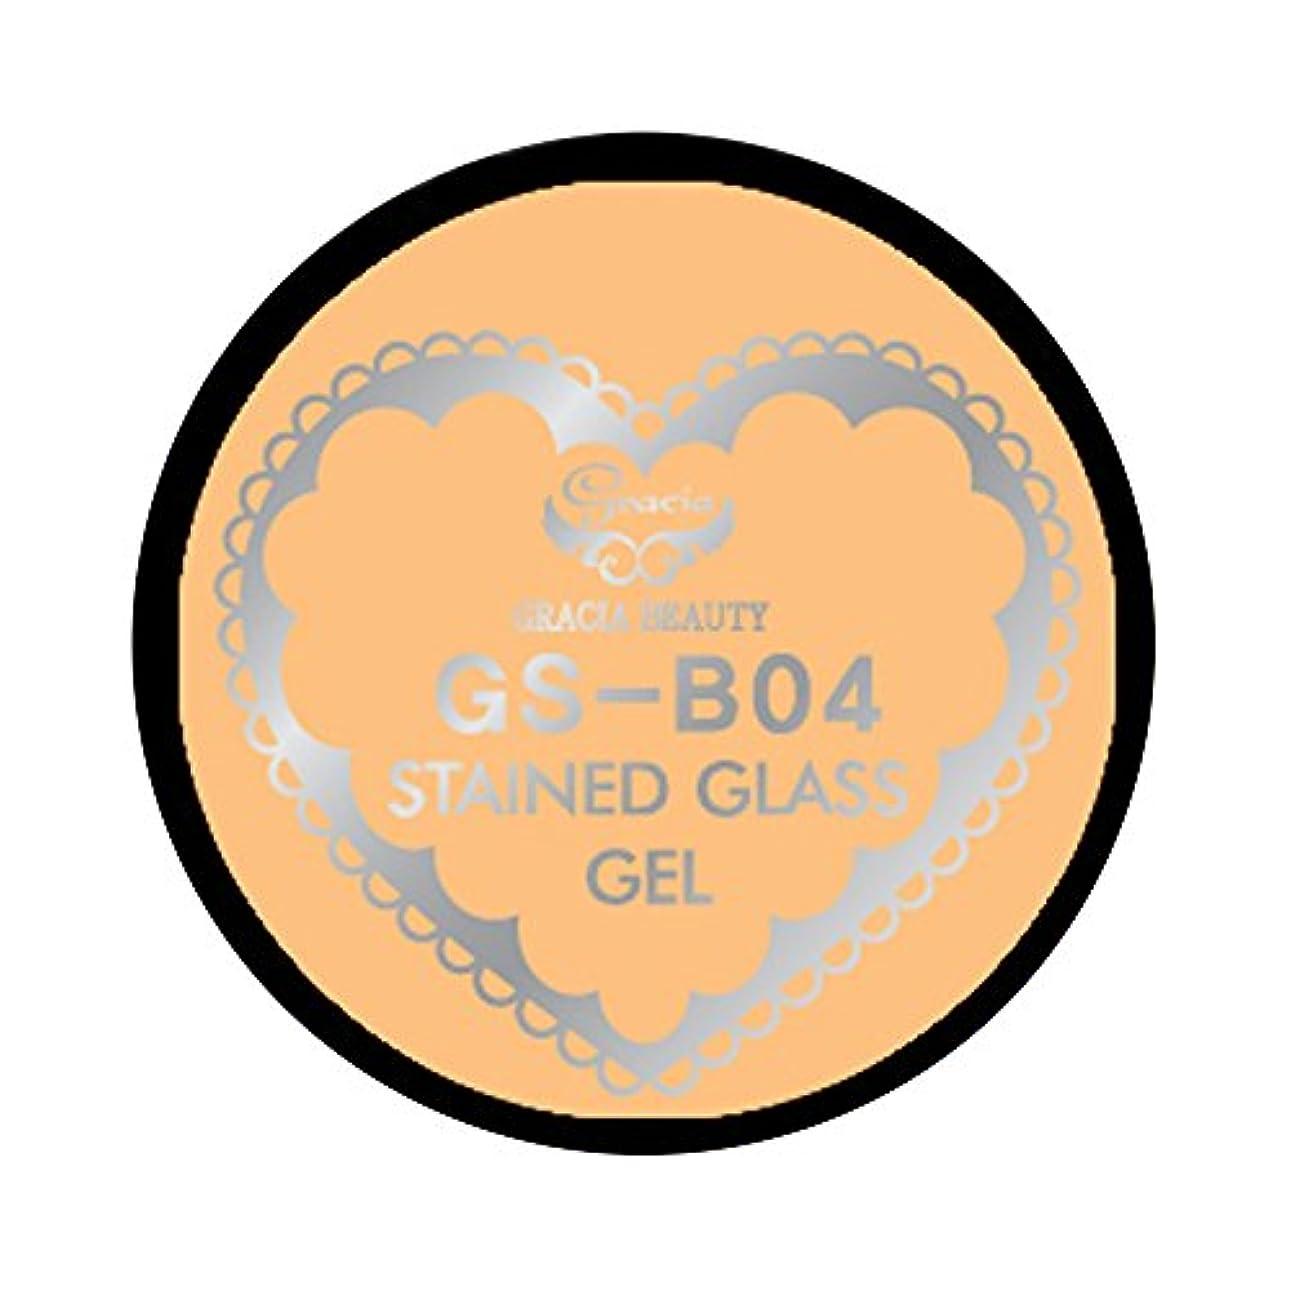 悪名高いハントロイヤリティグラシア ジェルネイル ステンドグラスジェル GSM-B04 3g  ベーシック UV/LED対応 カラージェル ソークオフジェル ガラスのような透明感